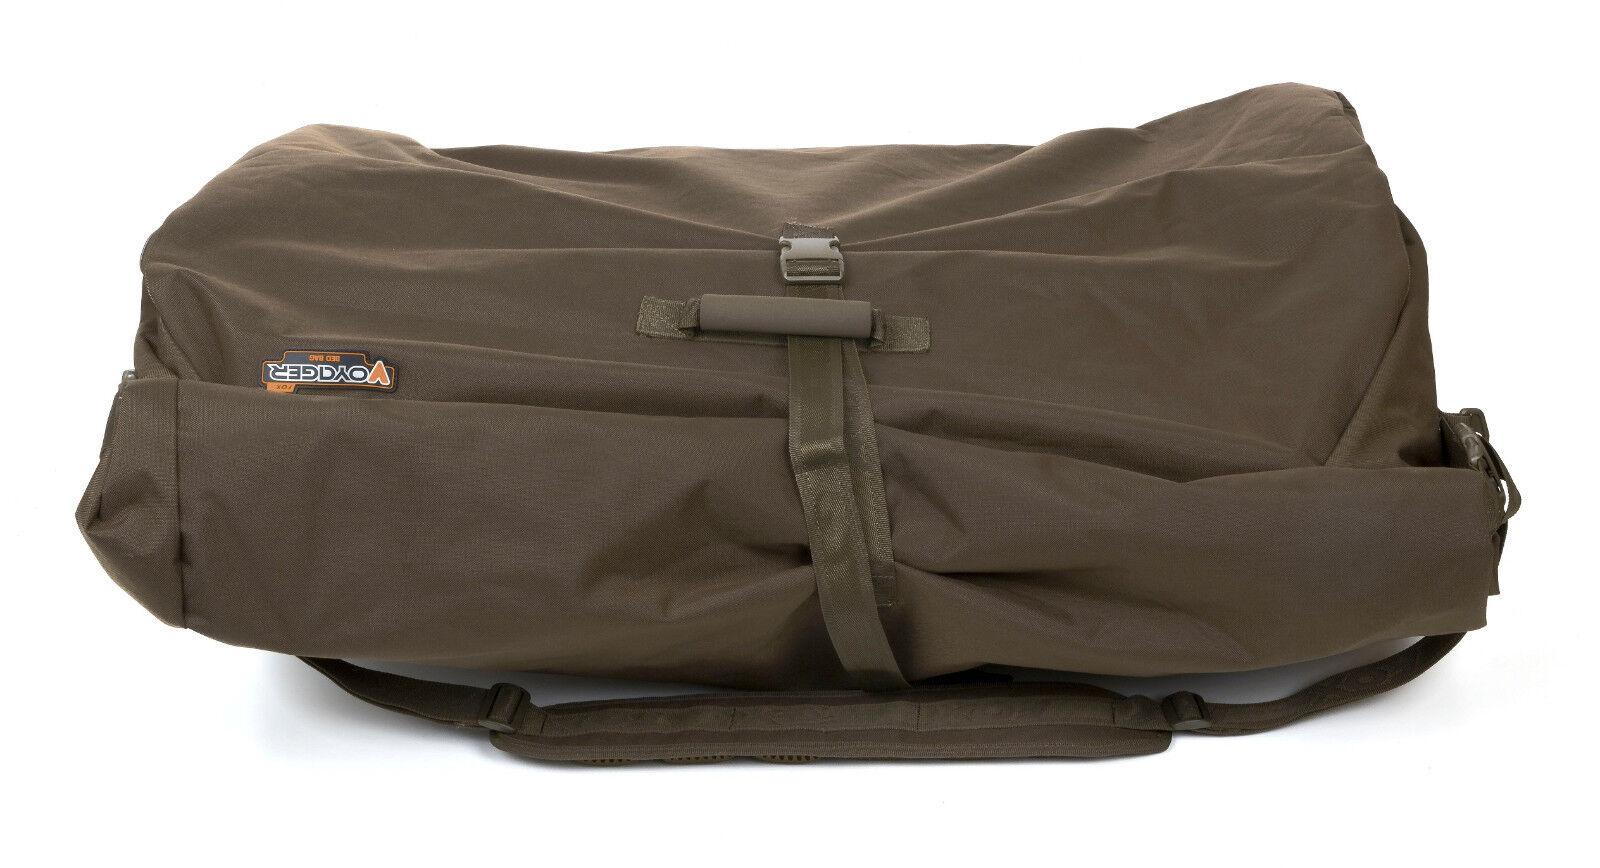 Fox VOYAGER Bed BAG clu345 bedchairbag sono Borsa Borsa Bag